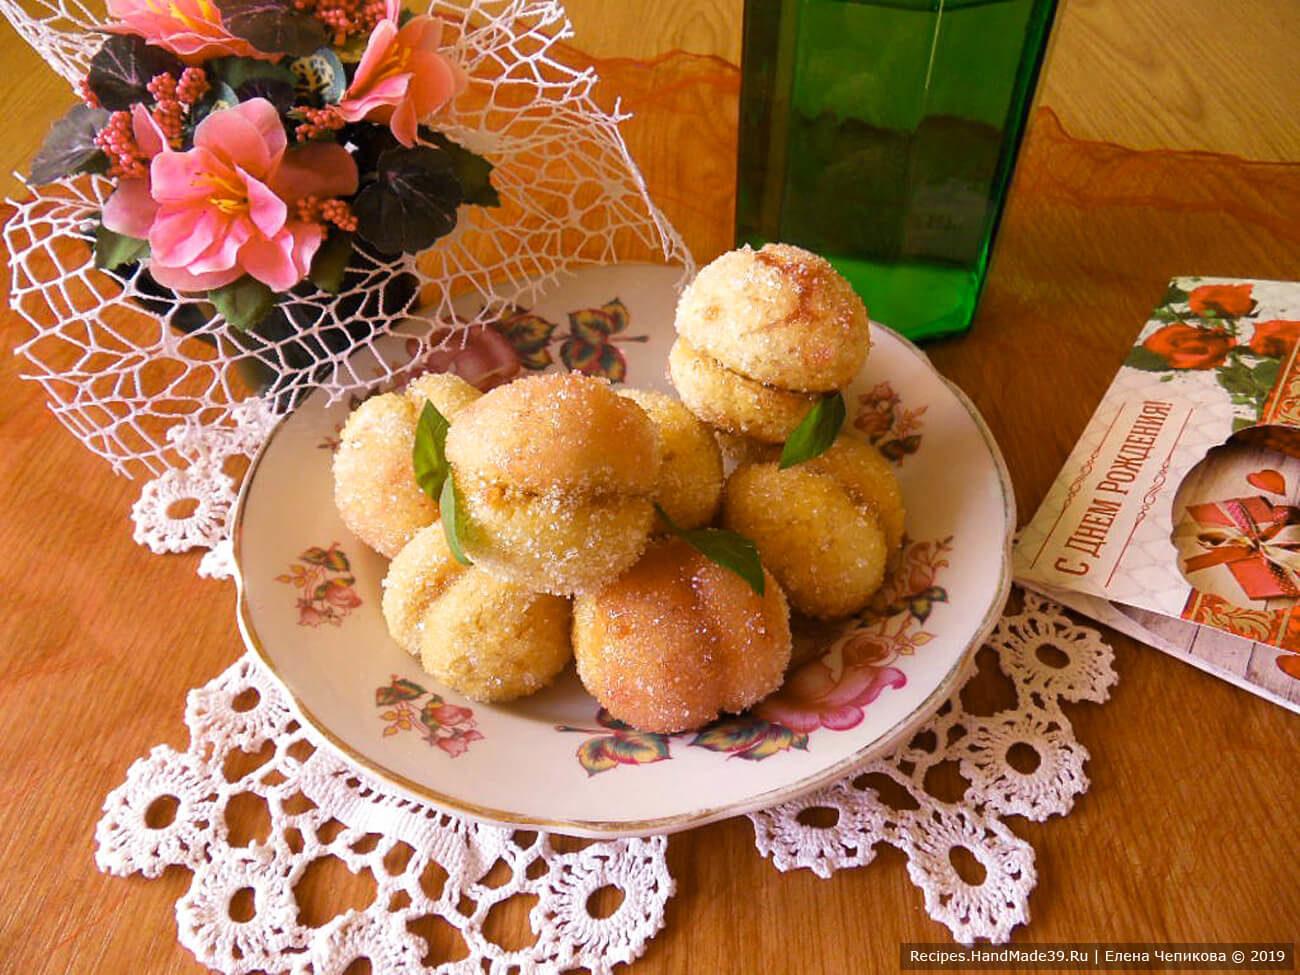 Пирожные «Персики» с варёной сгущёнкой